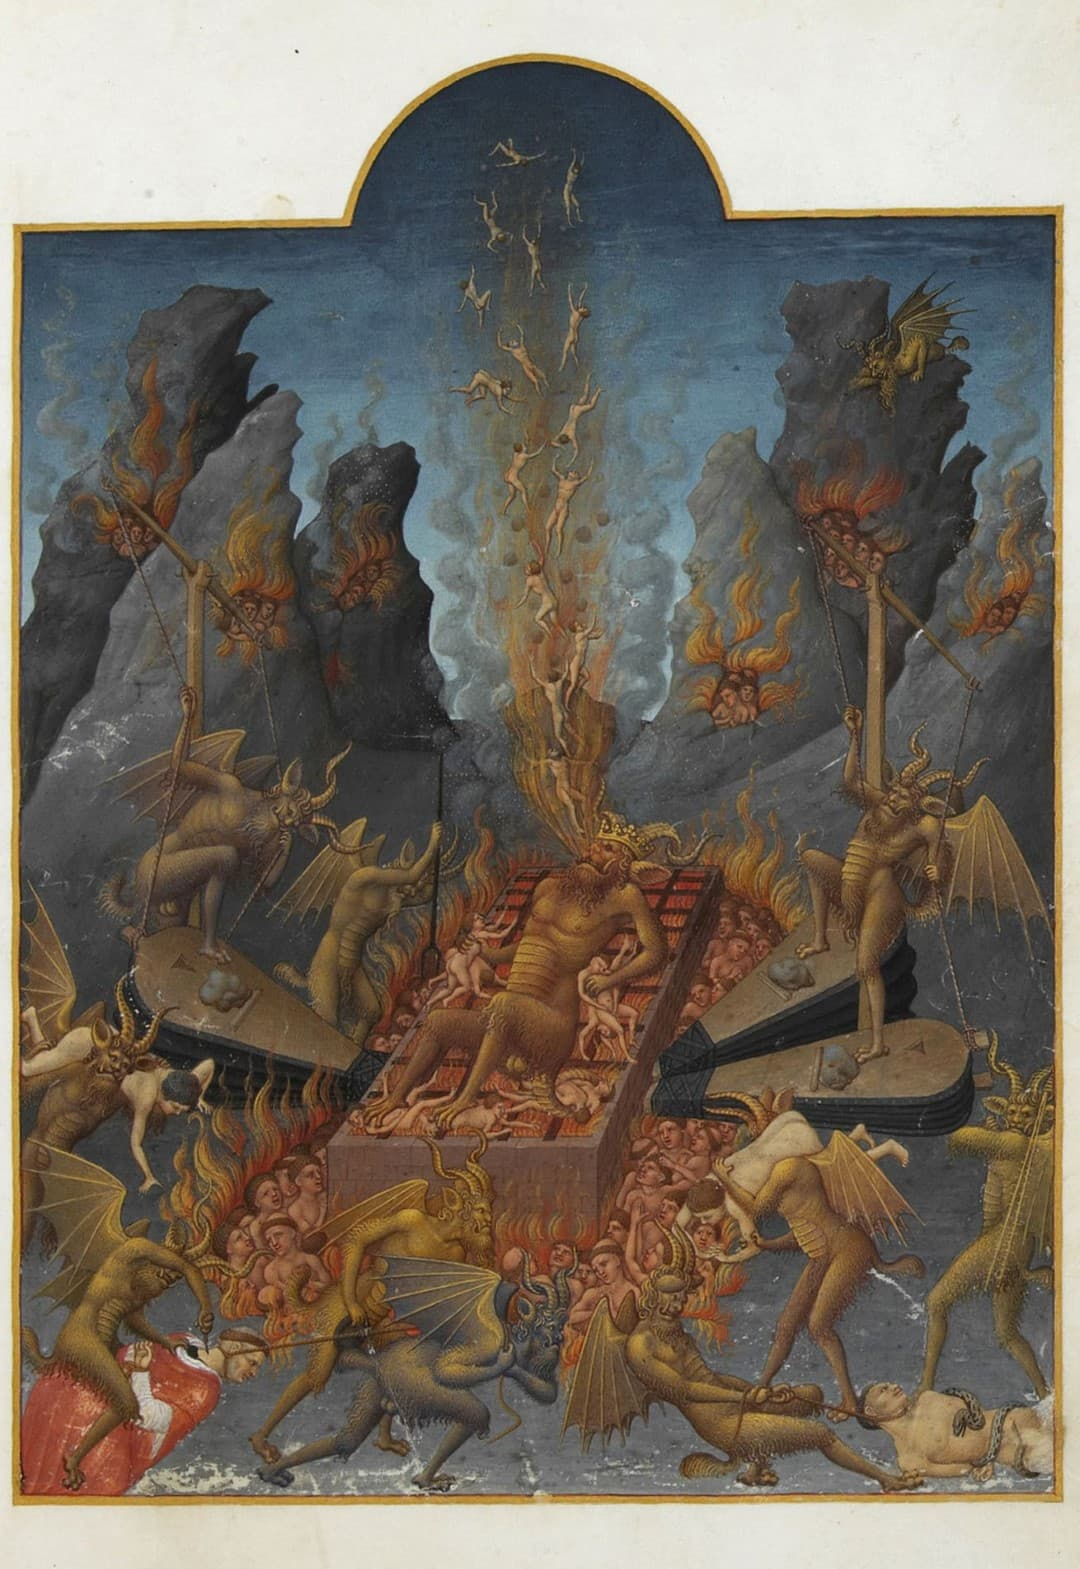 Les Très Riches Heures du Duc de Berry Folio 108r Hell